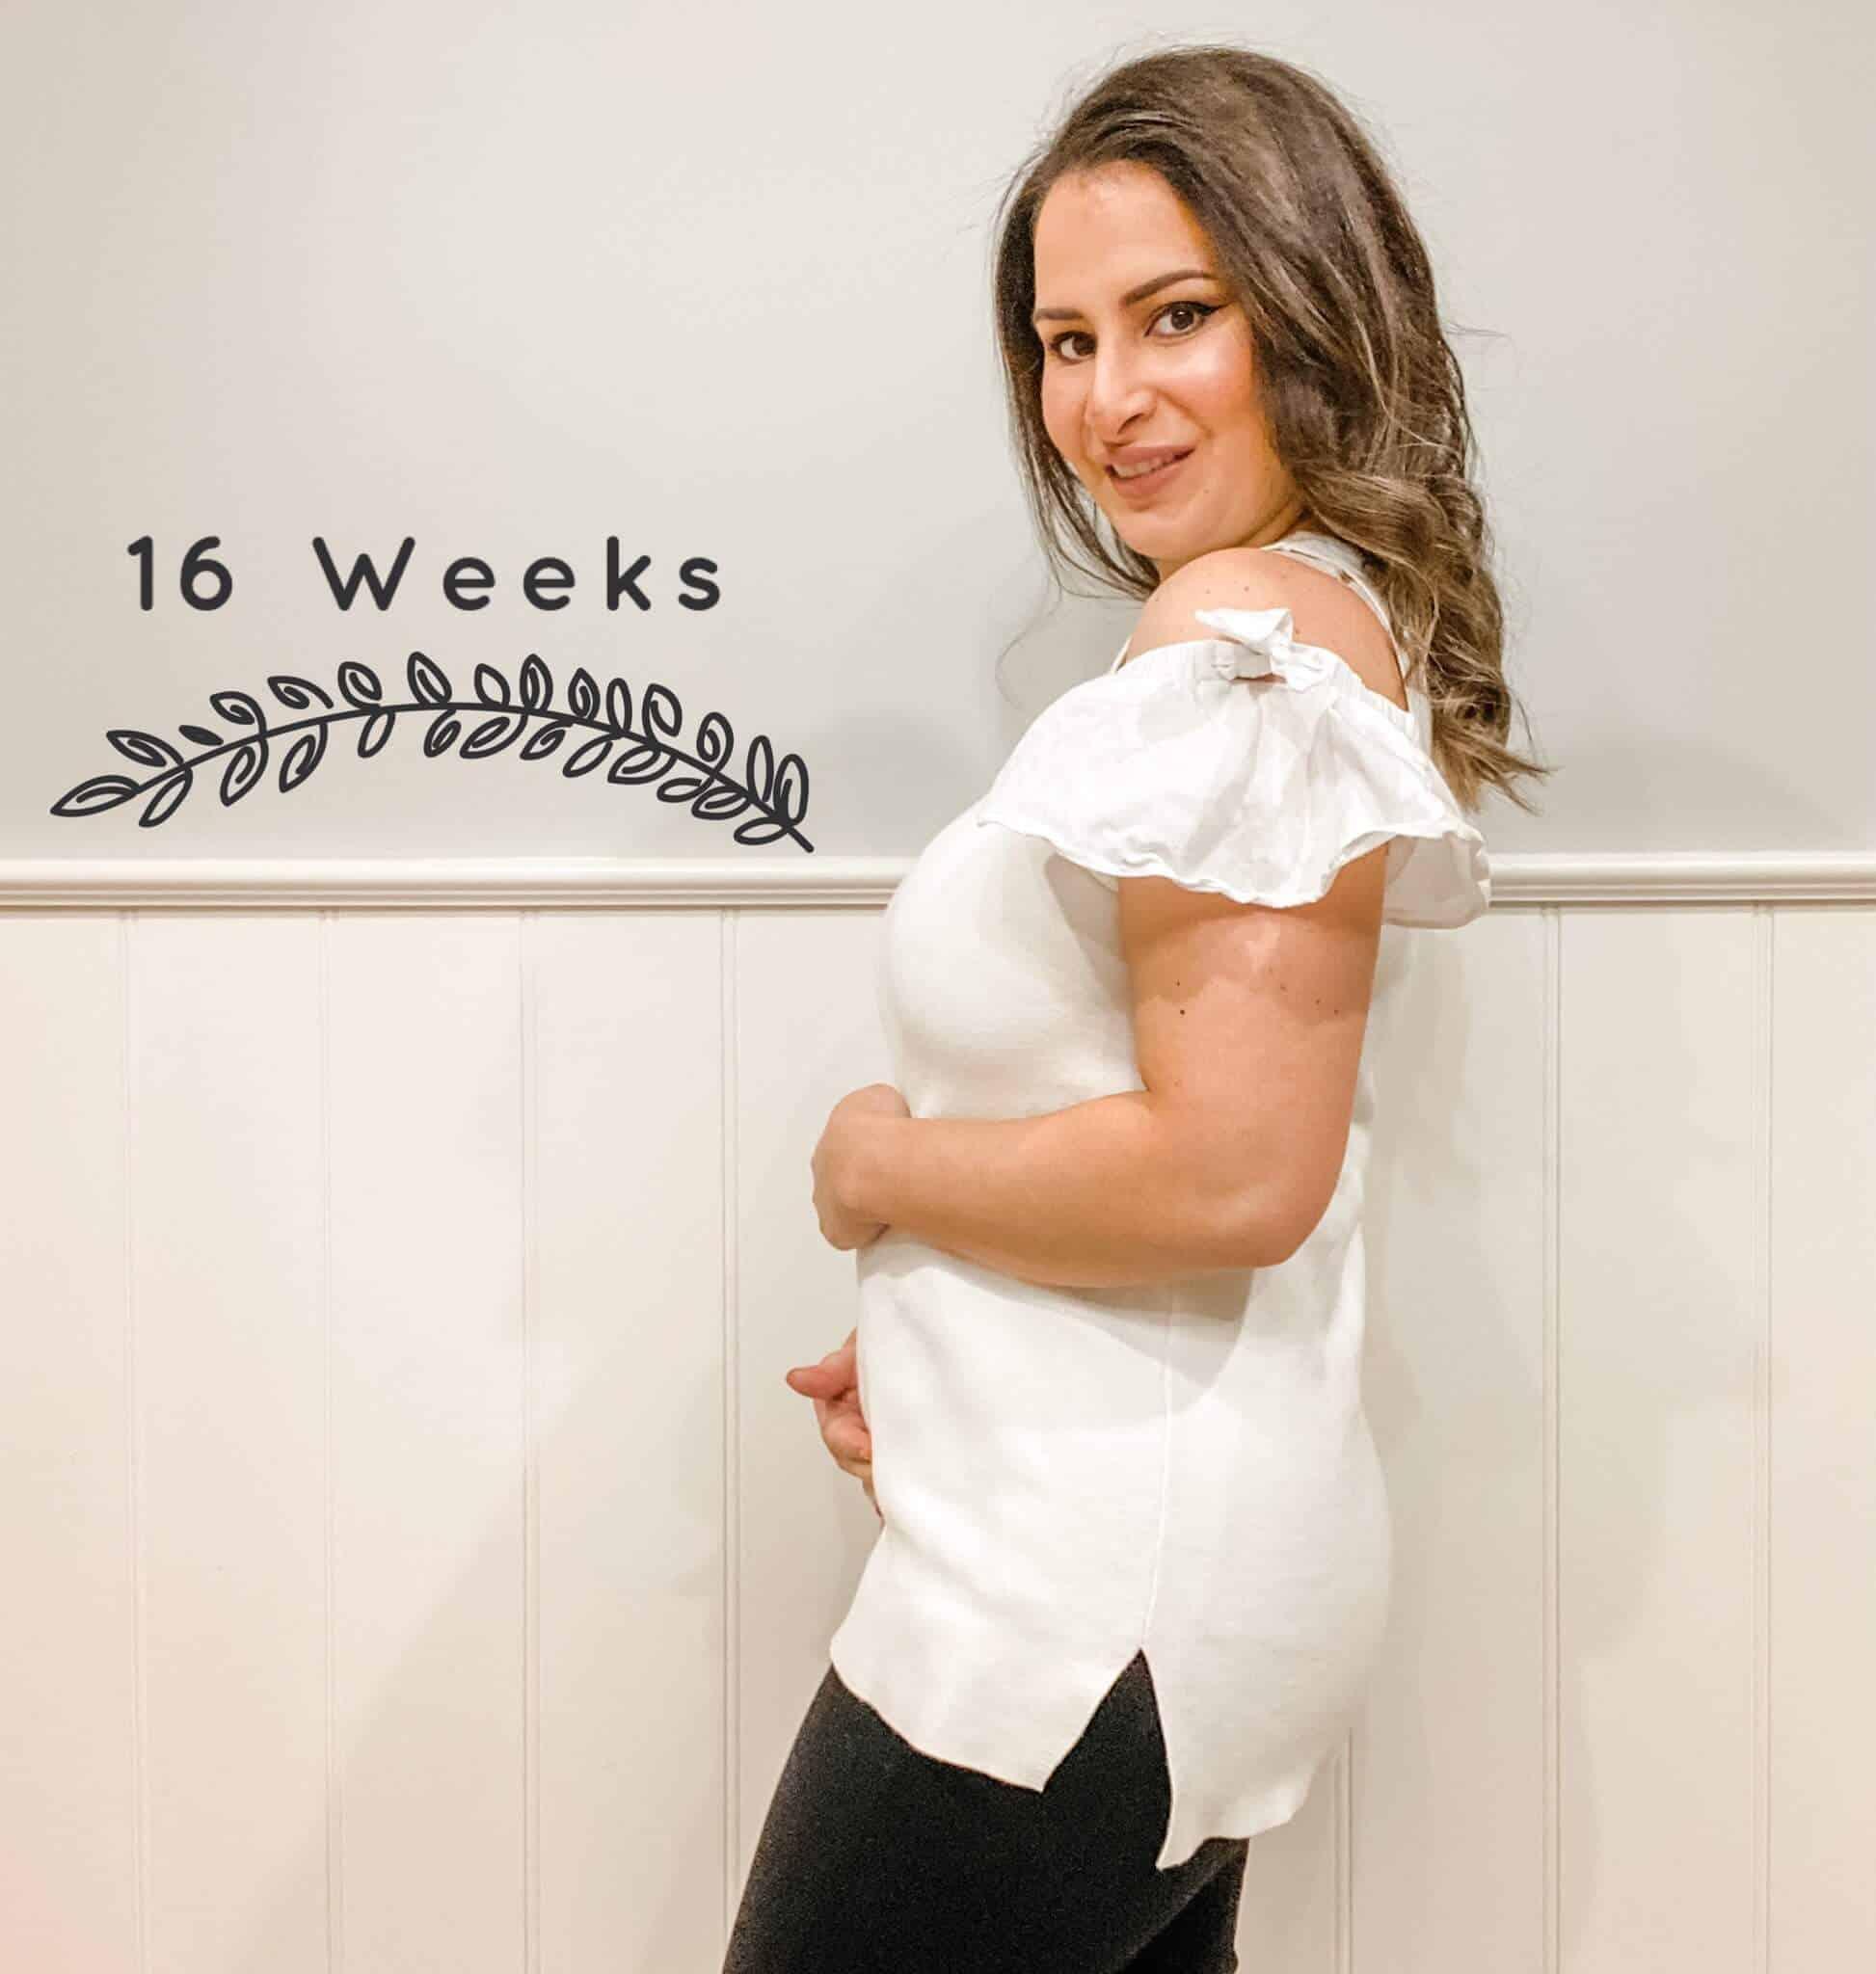 week-16-pregnancy